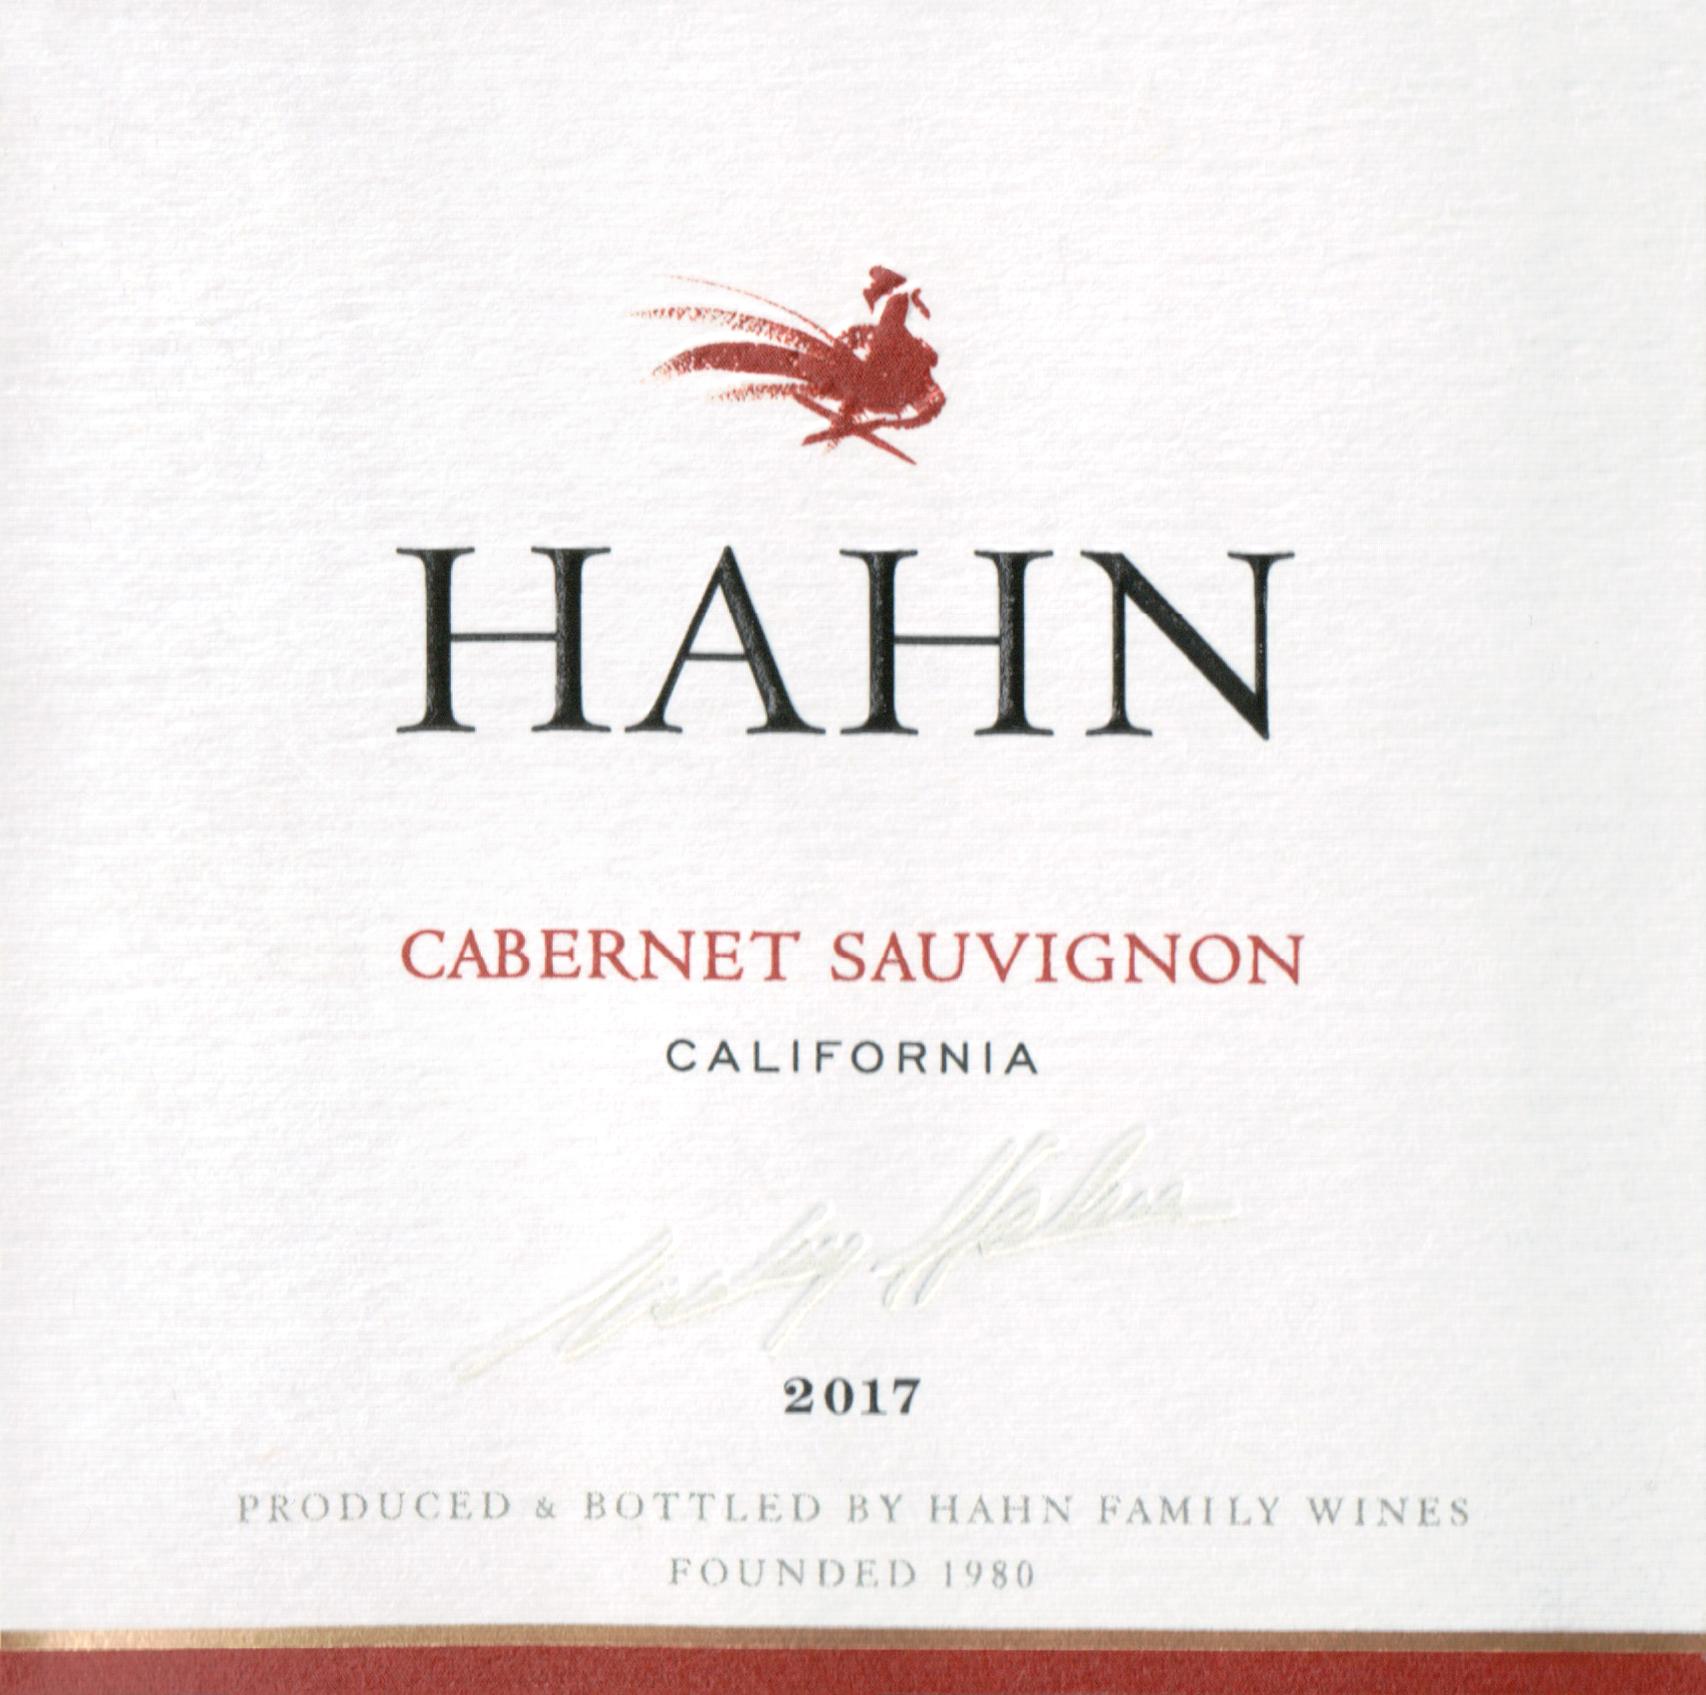 Hahn Cabernet Sauvignon 2017